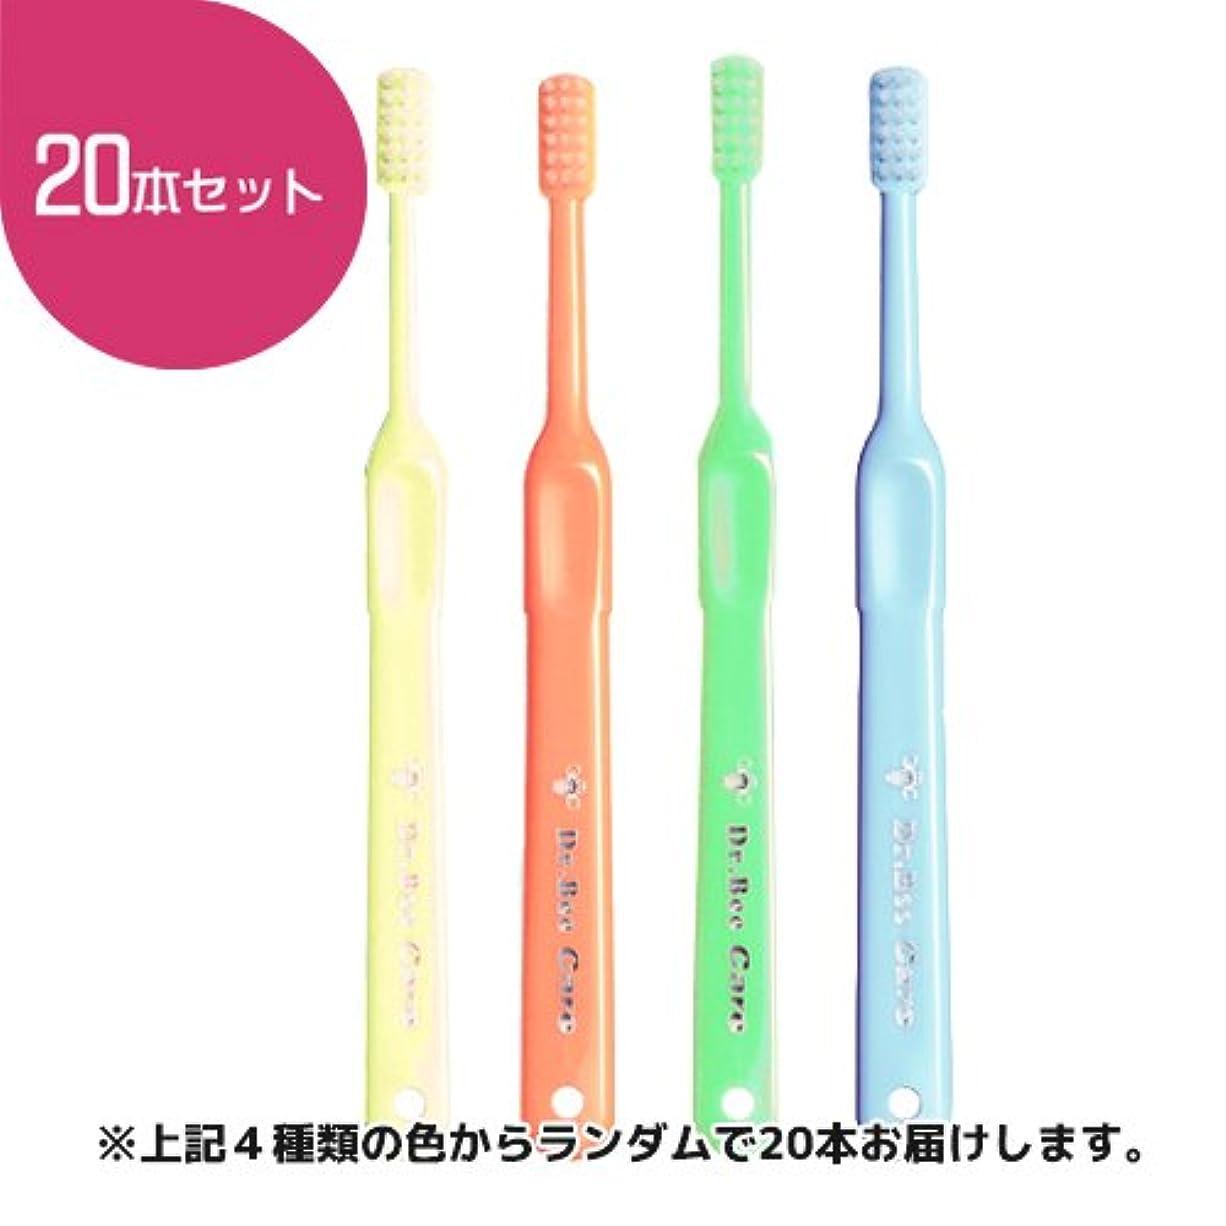 分析的持続的最も遠いビーブランド ドクタービーケア 歯ブラシ 20本